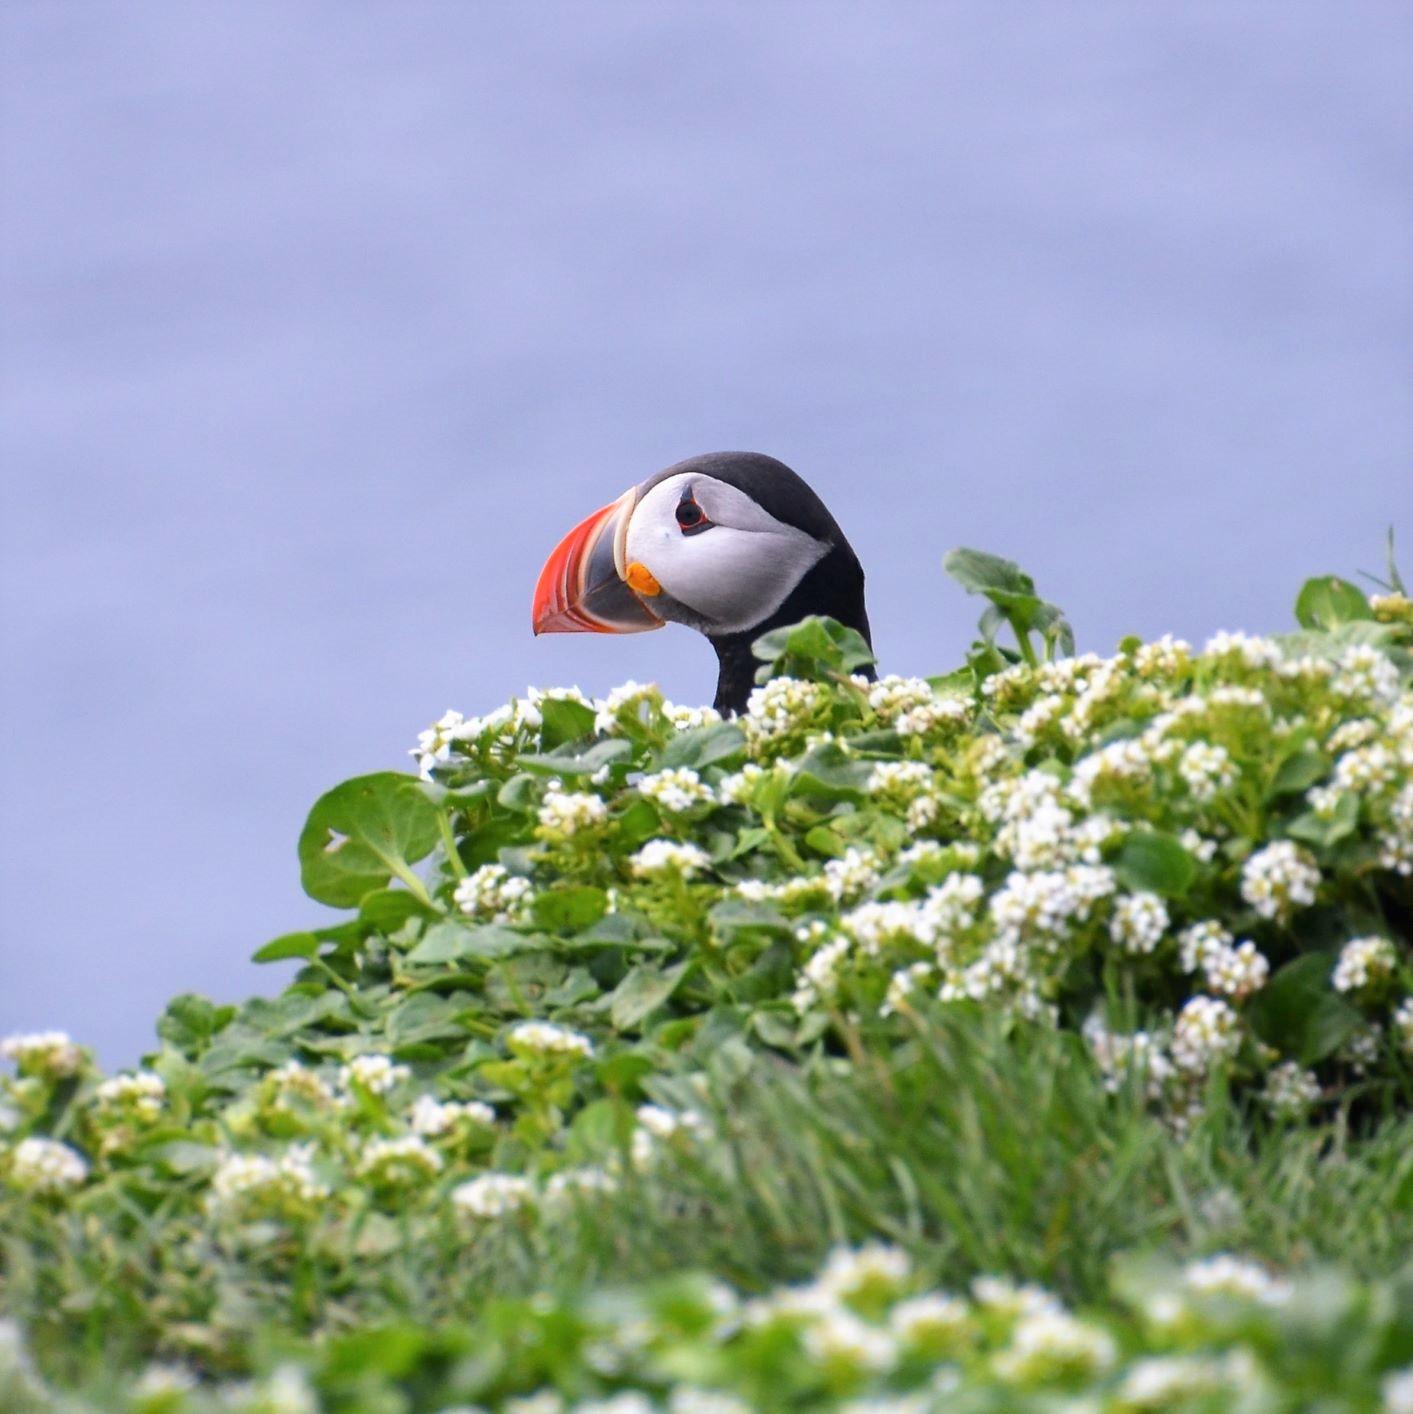 可憐な花の奥から顔を出したグリムスエイ島のパフィン